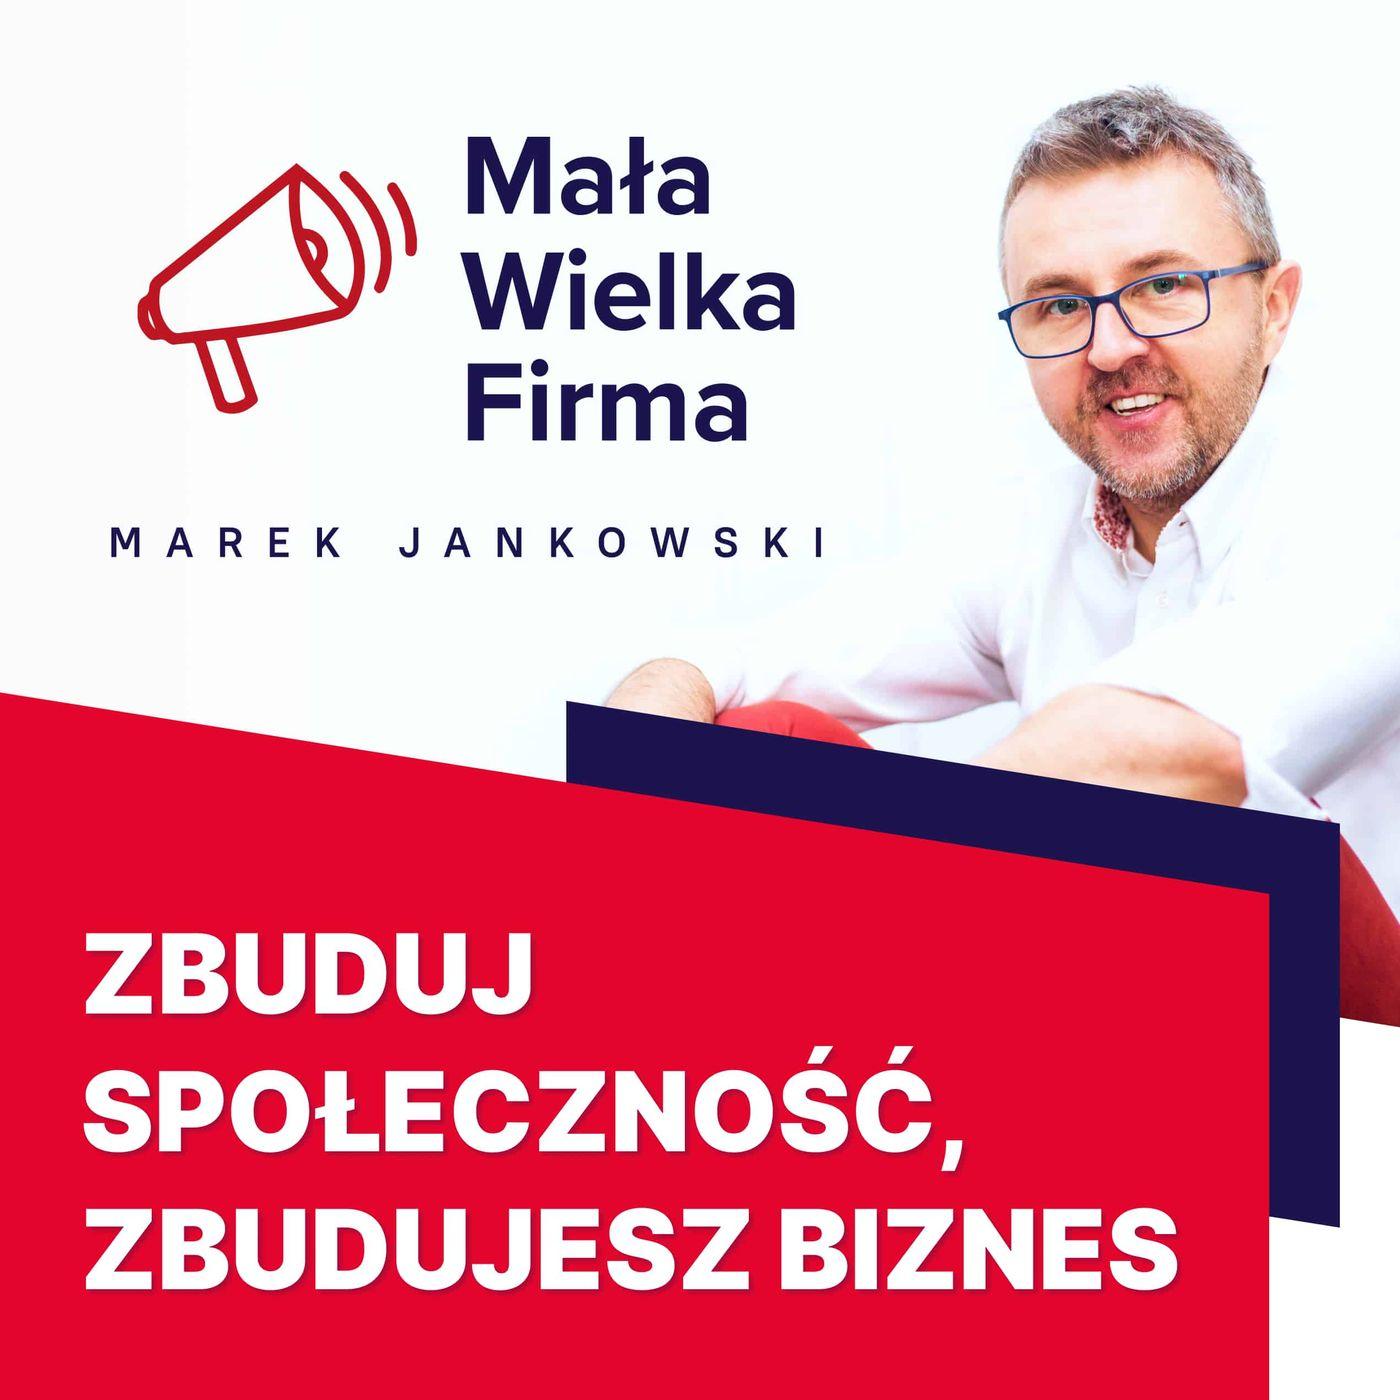 375: Zbuduj społeczność, zbudujesz biznes | Anna Kołomycew